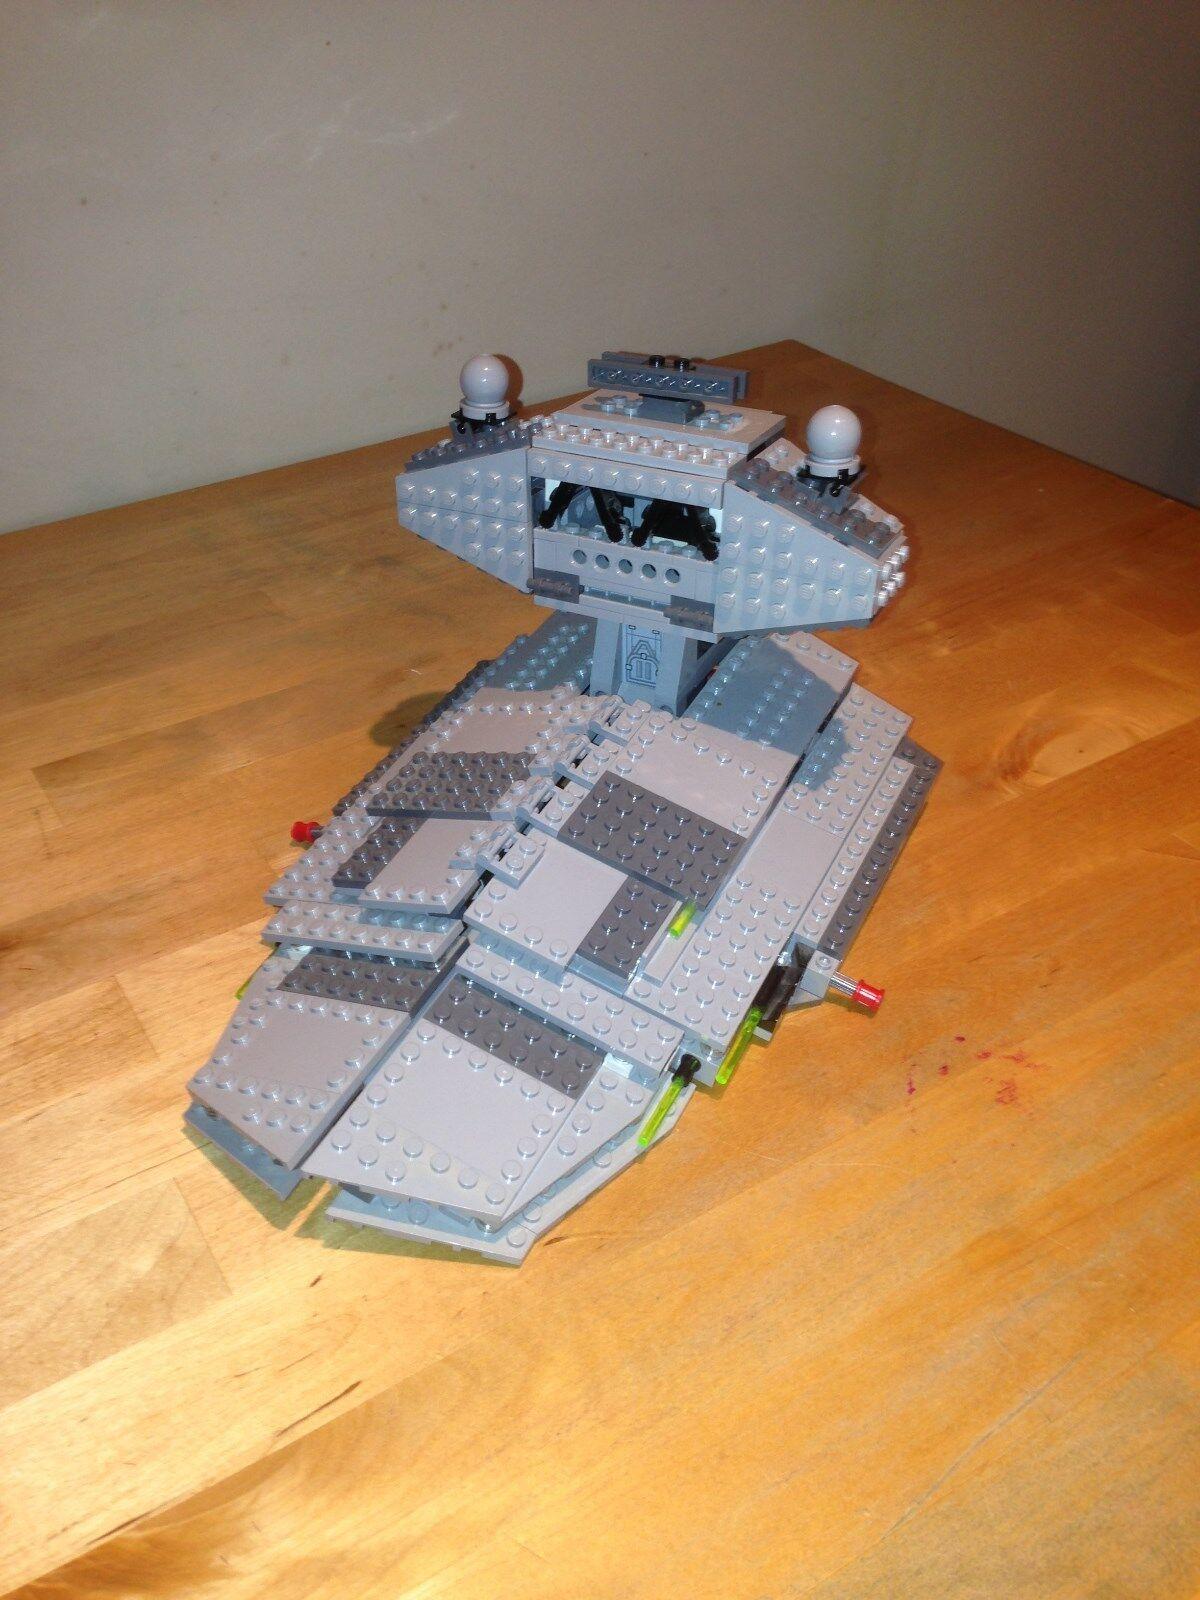 Célébrez Noël, accueillez accueillez accueillez le Nouvel An et re ez à la famille Lego Star Wars 6211-Imperial Star Destroyer (carton) e6aaf0